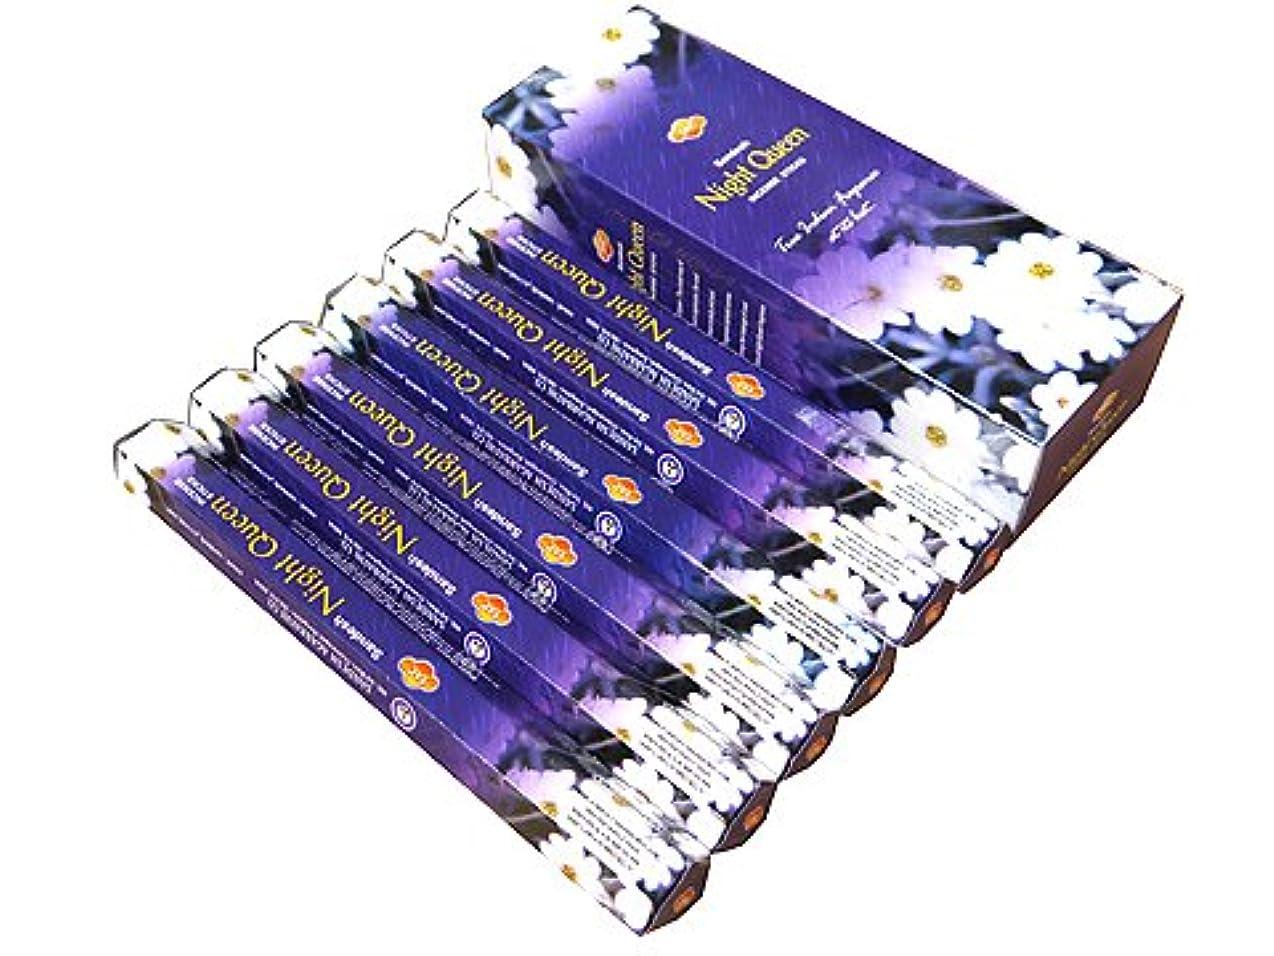 十分数値山SANDESH SAC (サンデッシュ) ナイトクィーン香 スティック NIGHT QUEEN 6箱セット